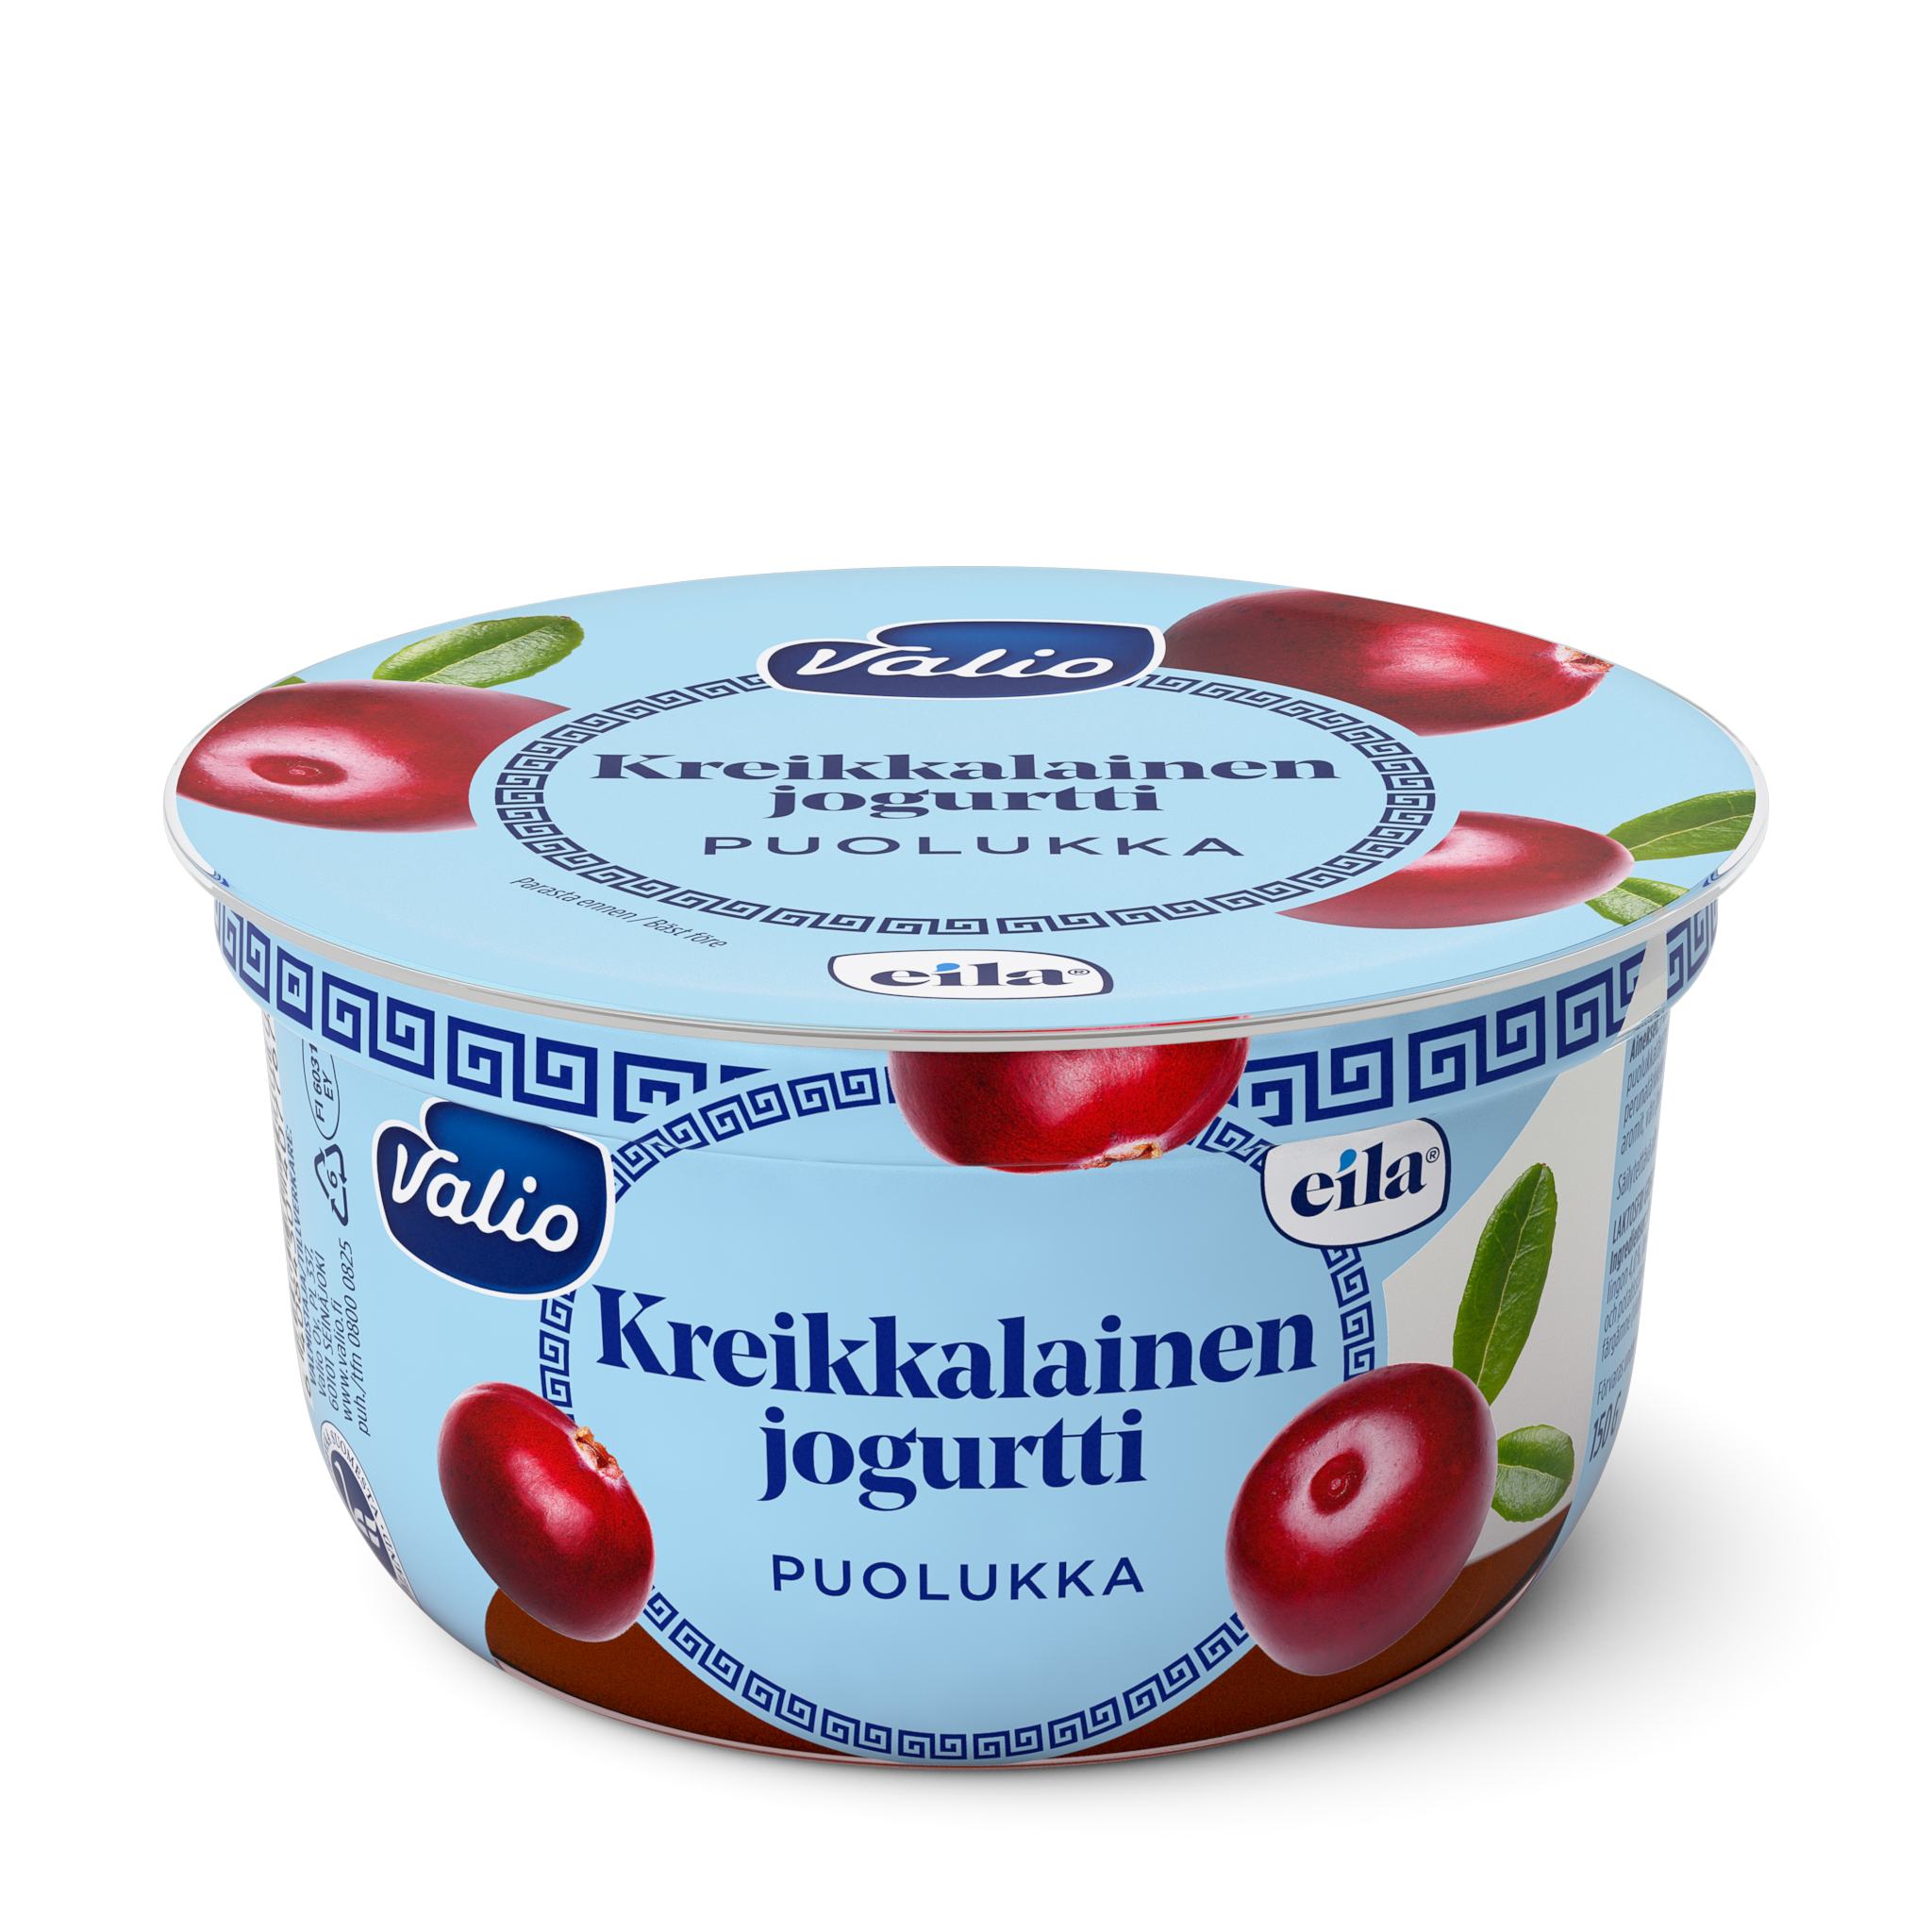 Valio kreikkalainen jogurtti puolukka laktoositon